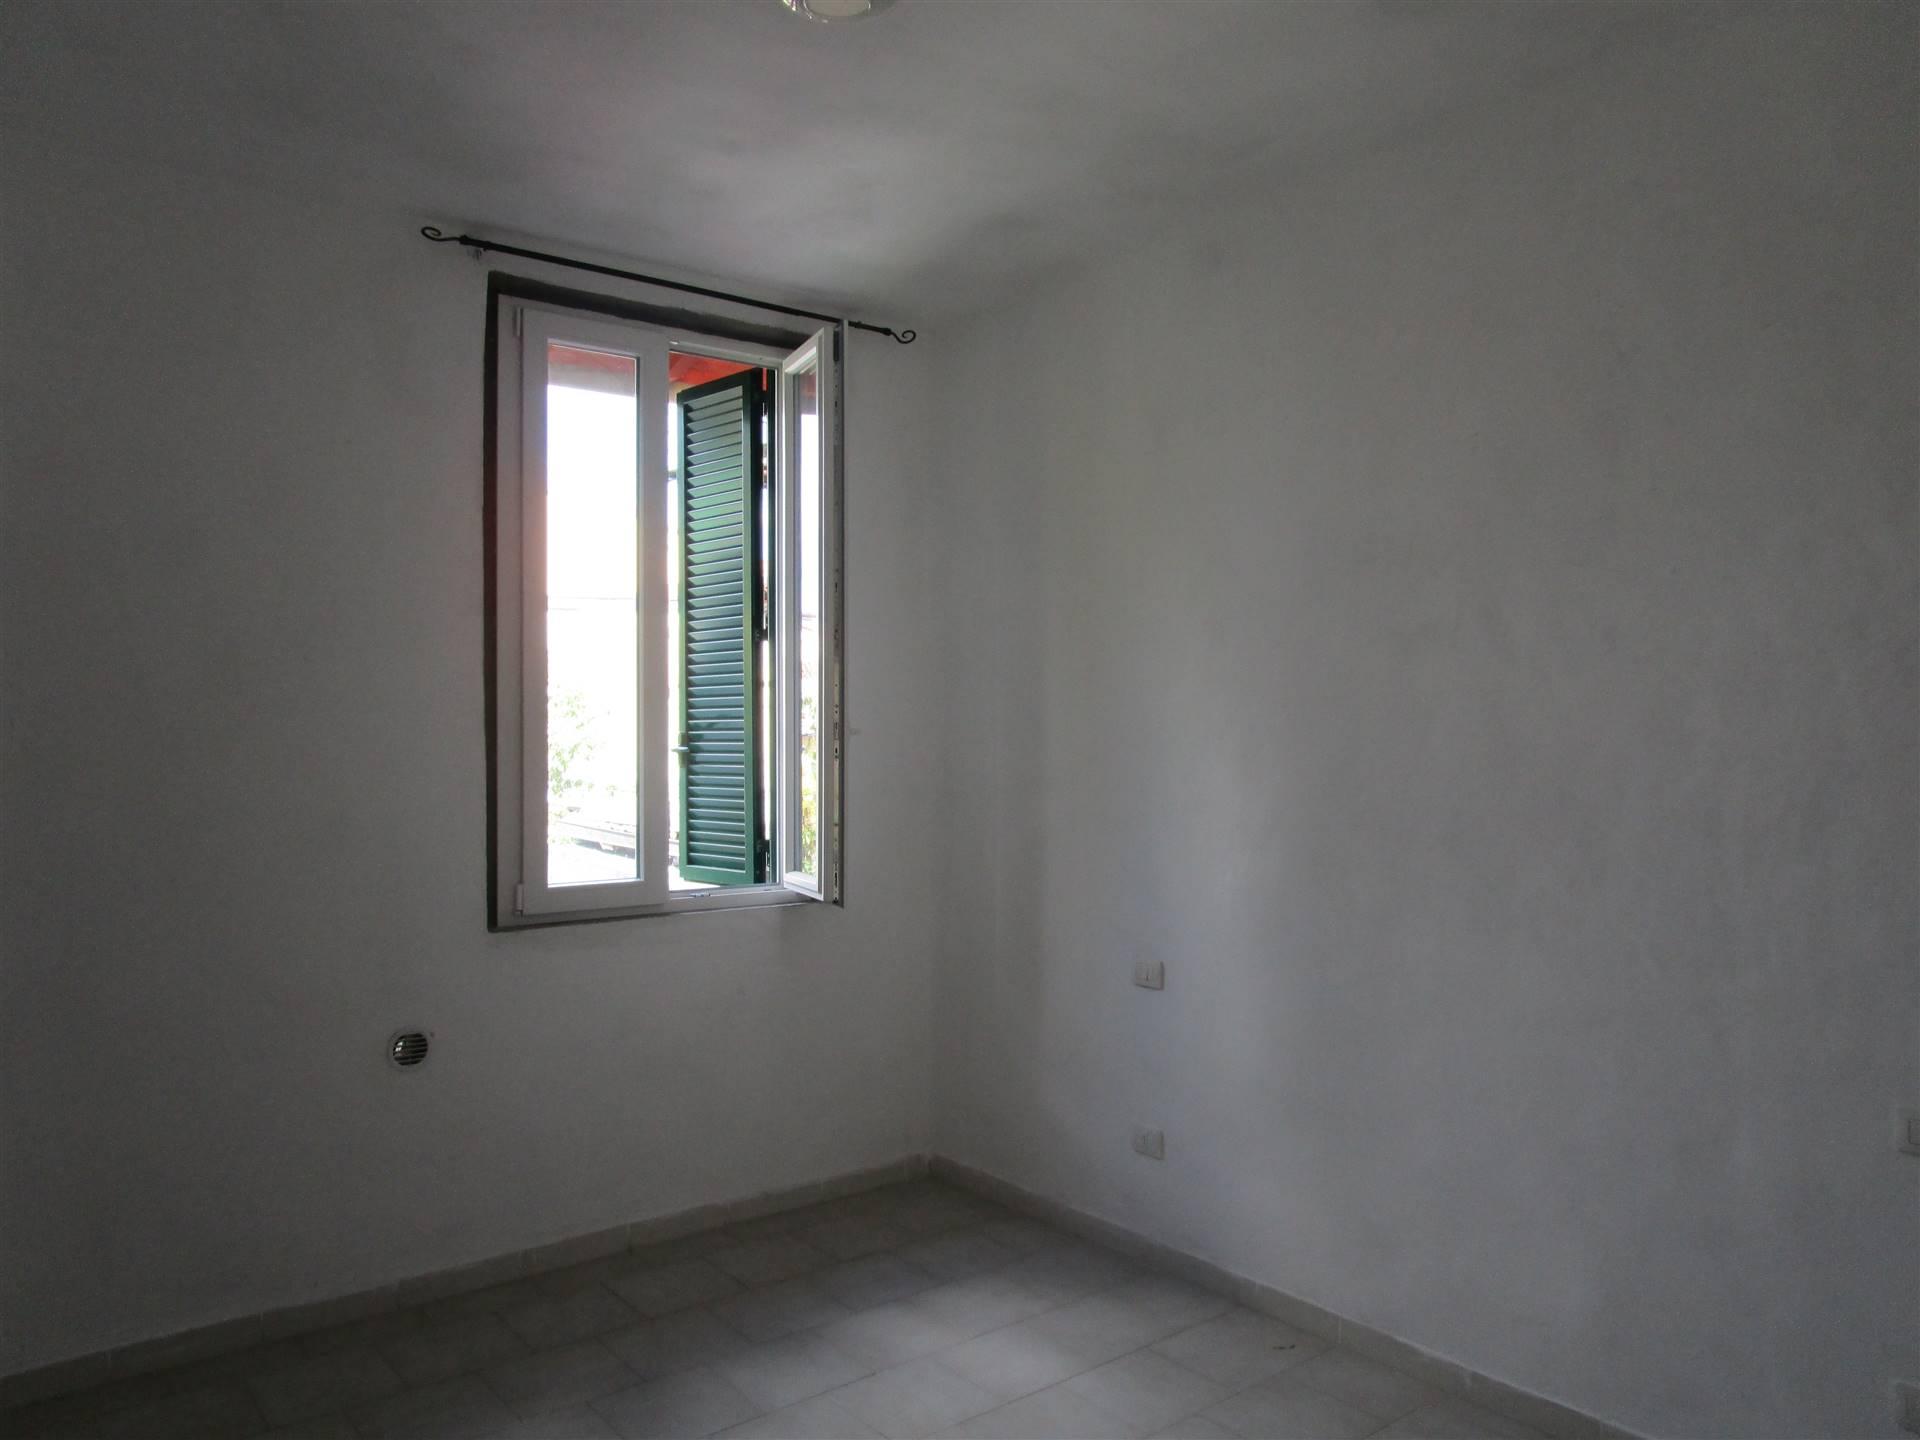 Appartamento in Vendita a Campi bisenzio zona San lorenzo - immagine 5